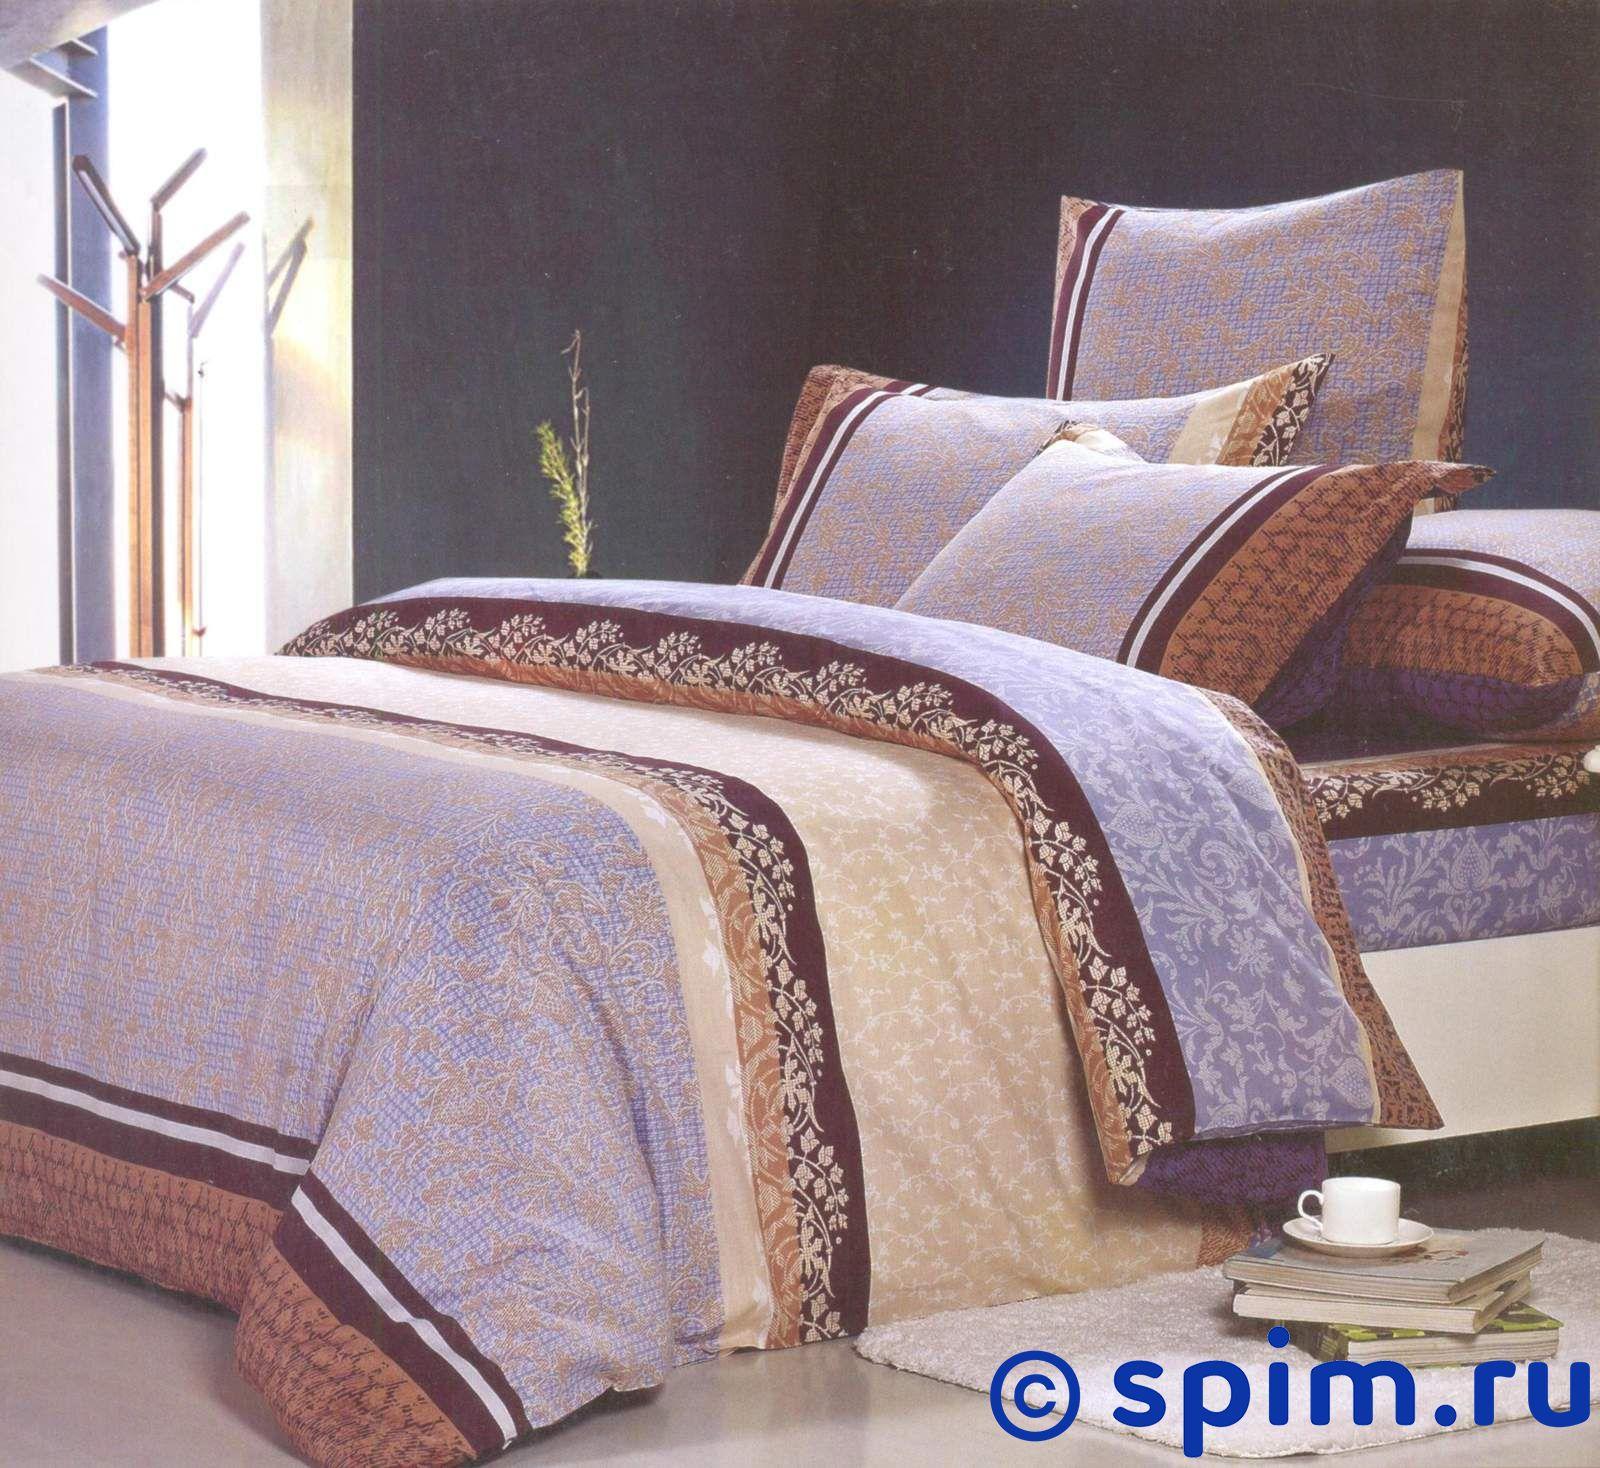 Комплект СайлиД А156 1.5 спальное